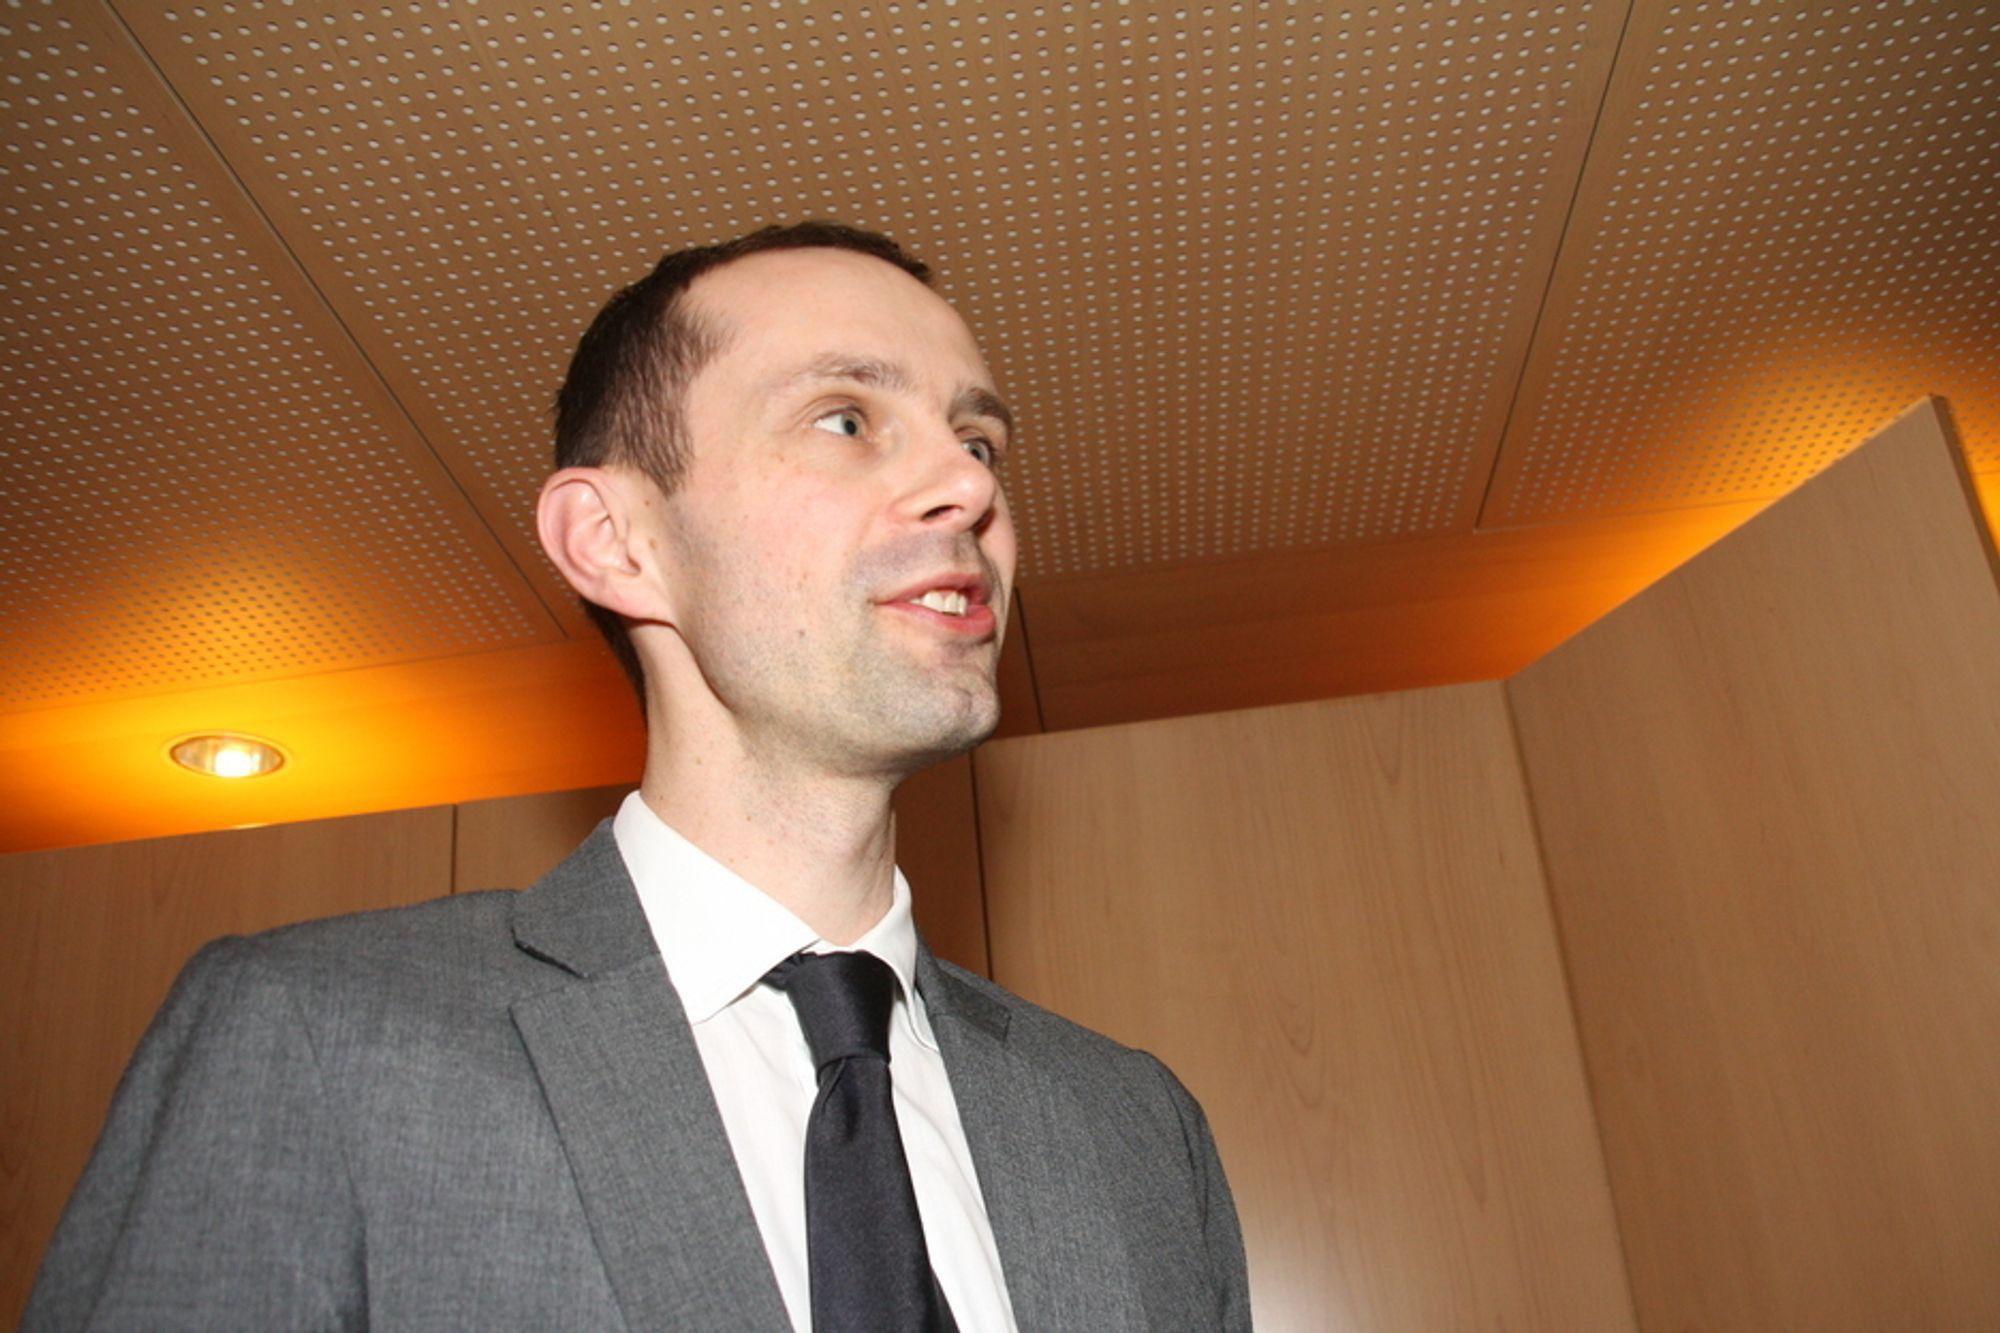 MANGE SPØRSMÅL: IKT-Norge og Hallstein Bjercke mener Høyres og Arbeiderpartiets DLD-enighet har mange løse tråder.